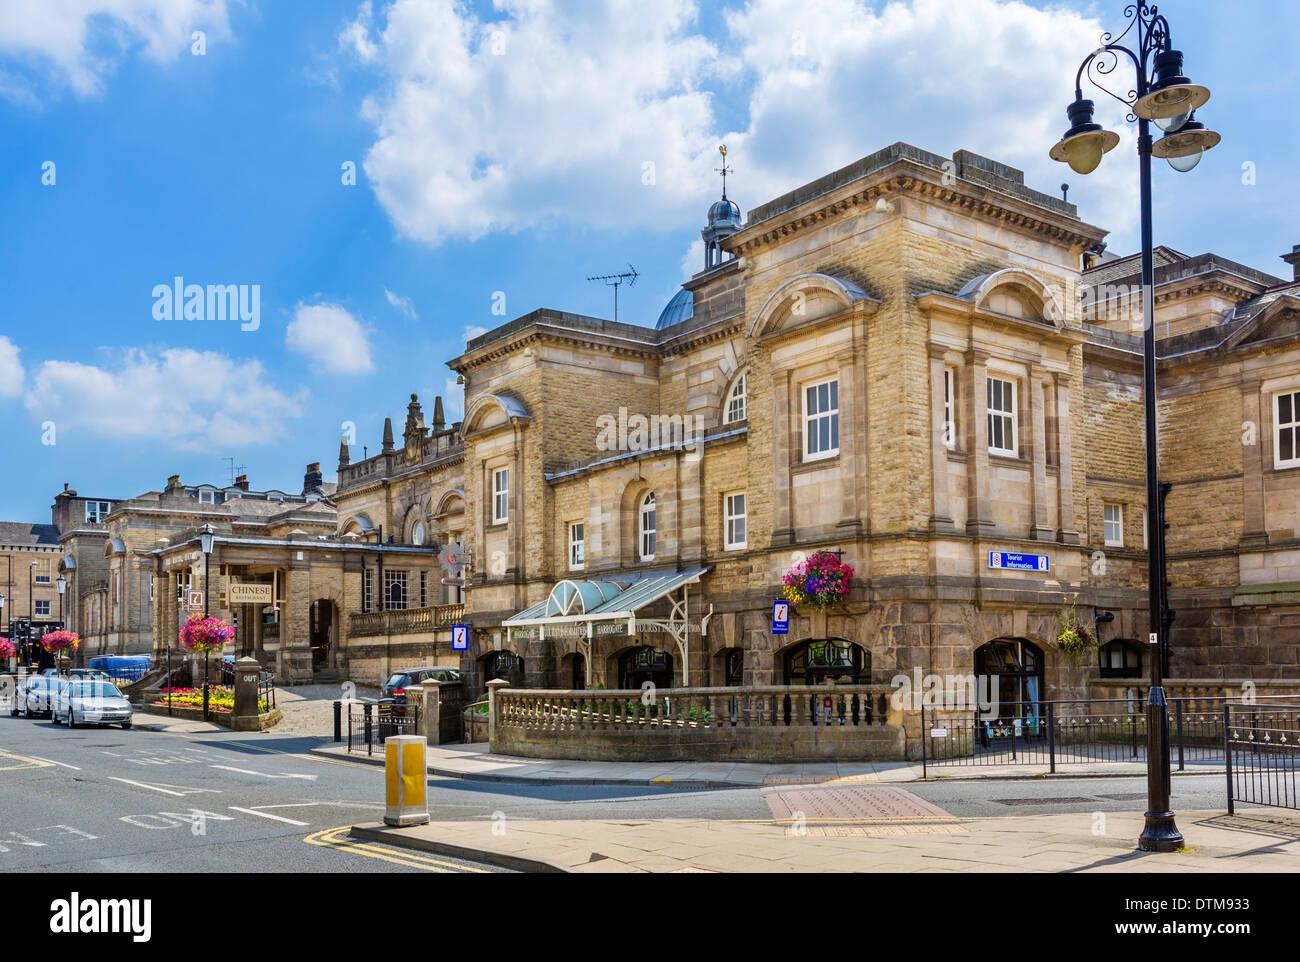 Die Königlichen Bäder Gebäude, Harrogate, North Yorkshire, England, UK Stockbild